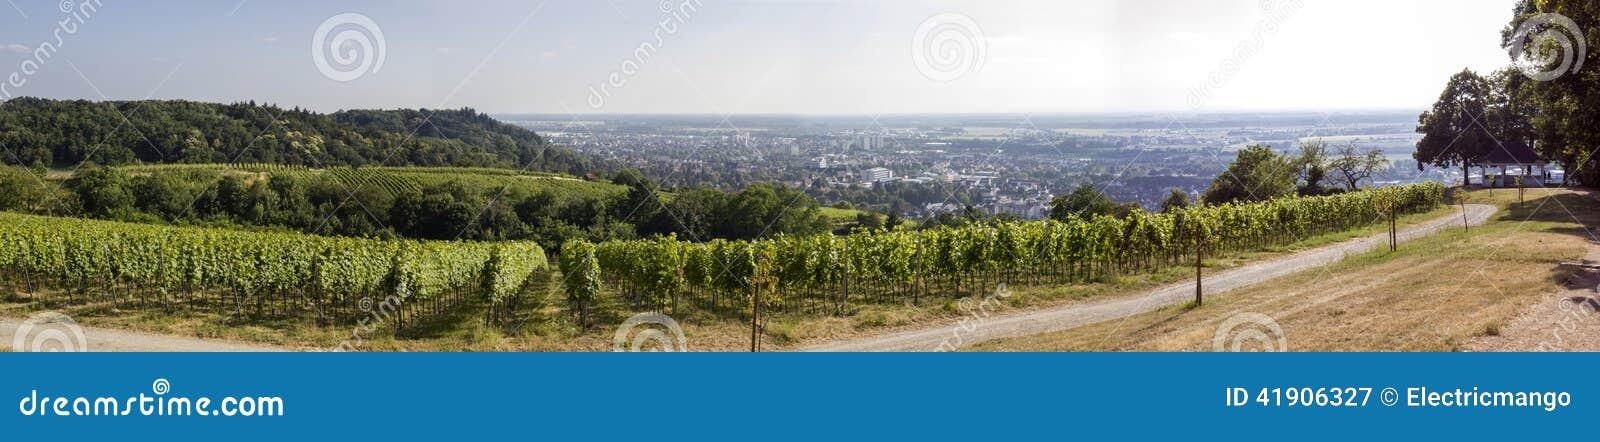 Opinión panorámica del viñedo